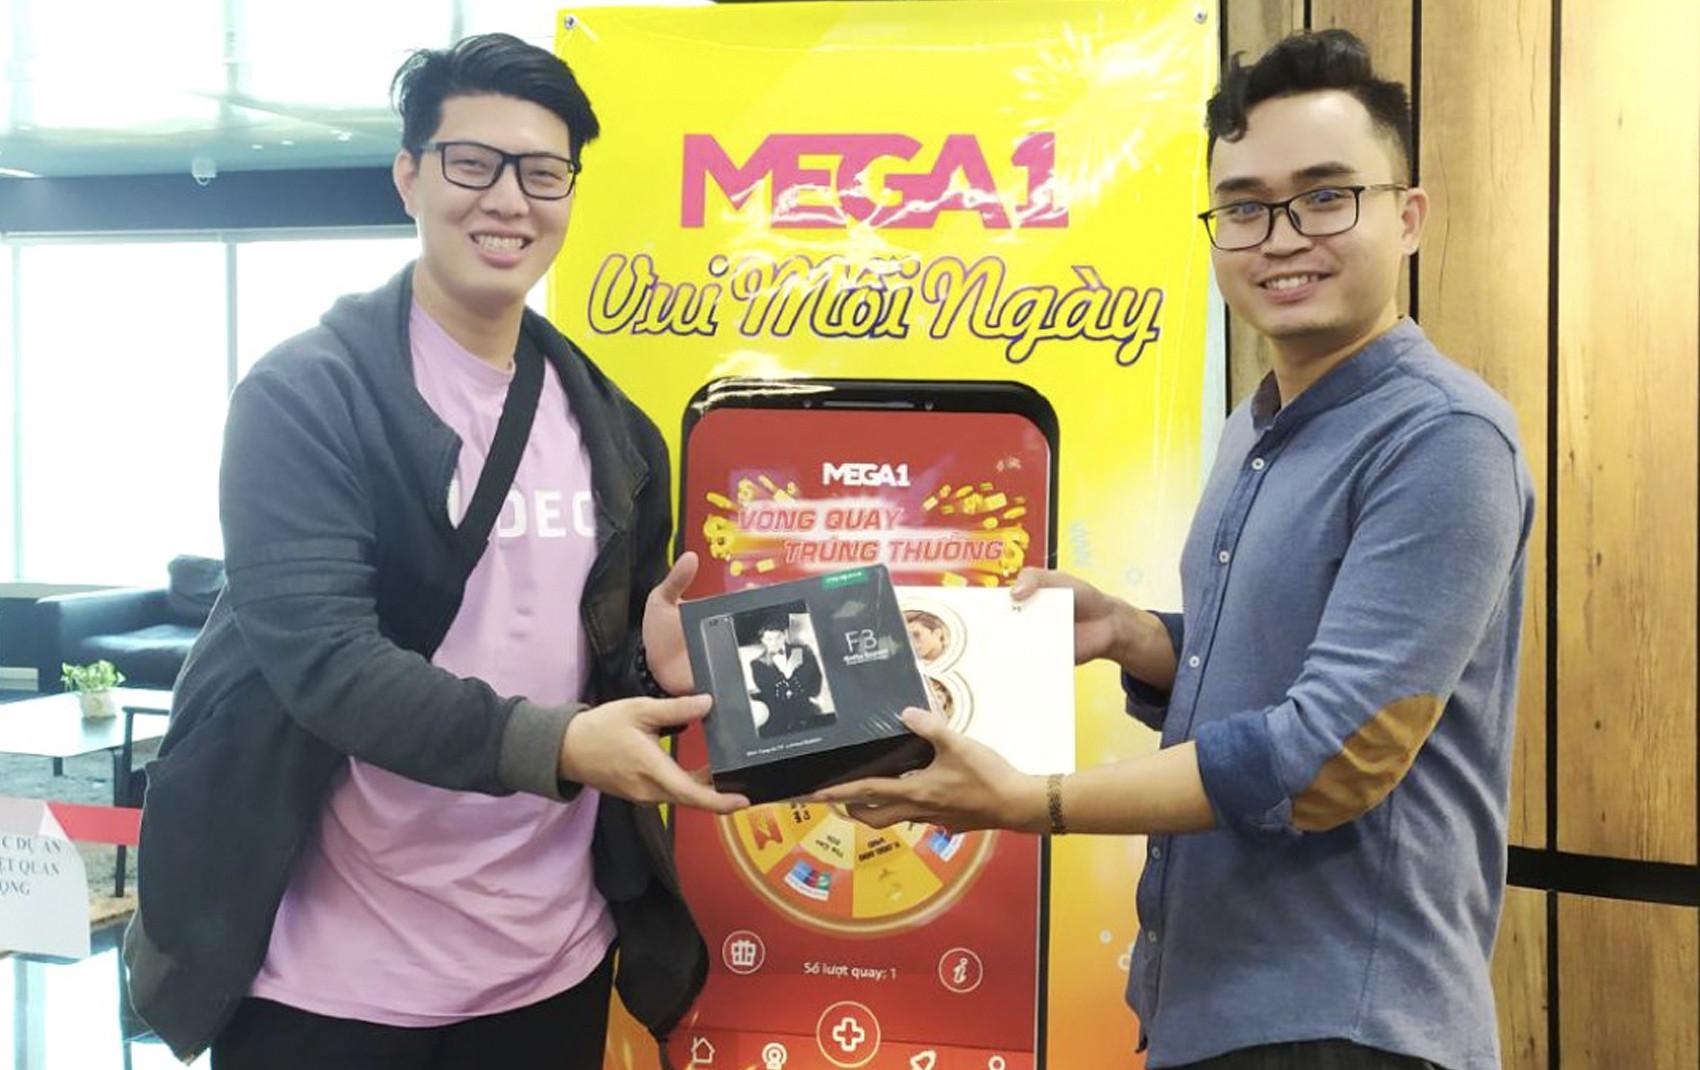 """Giải mã sức nóng của app Mega1: """"Chơi miễn phí, trúng thưởng thật"""" - biến """"14 ngày vàng"""" thành cơ hội"""